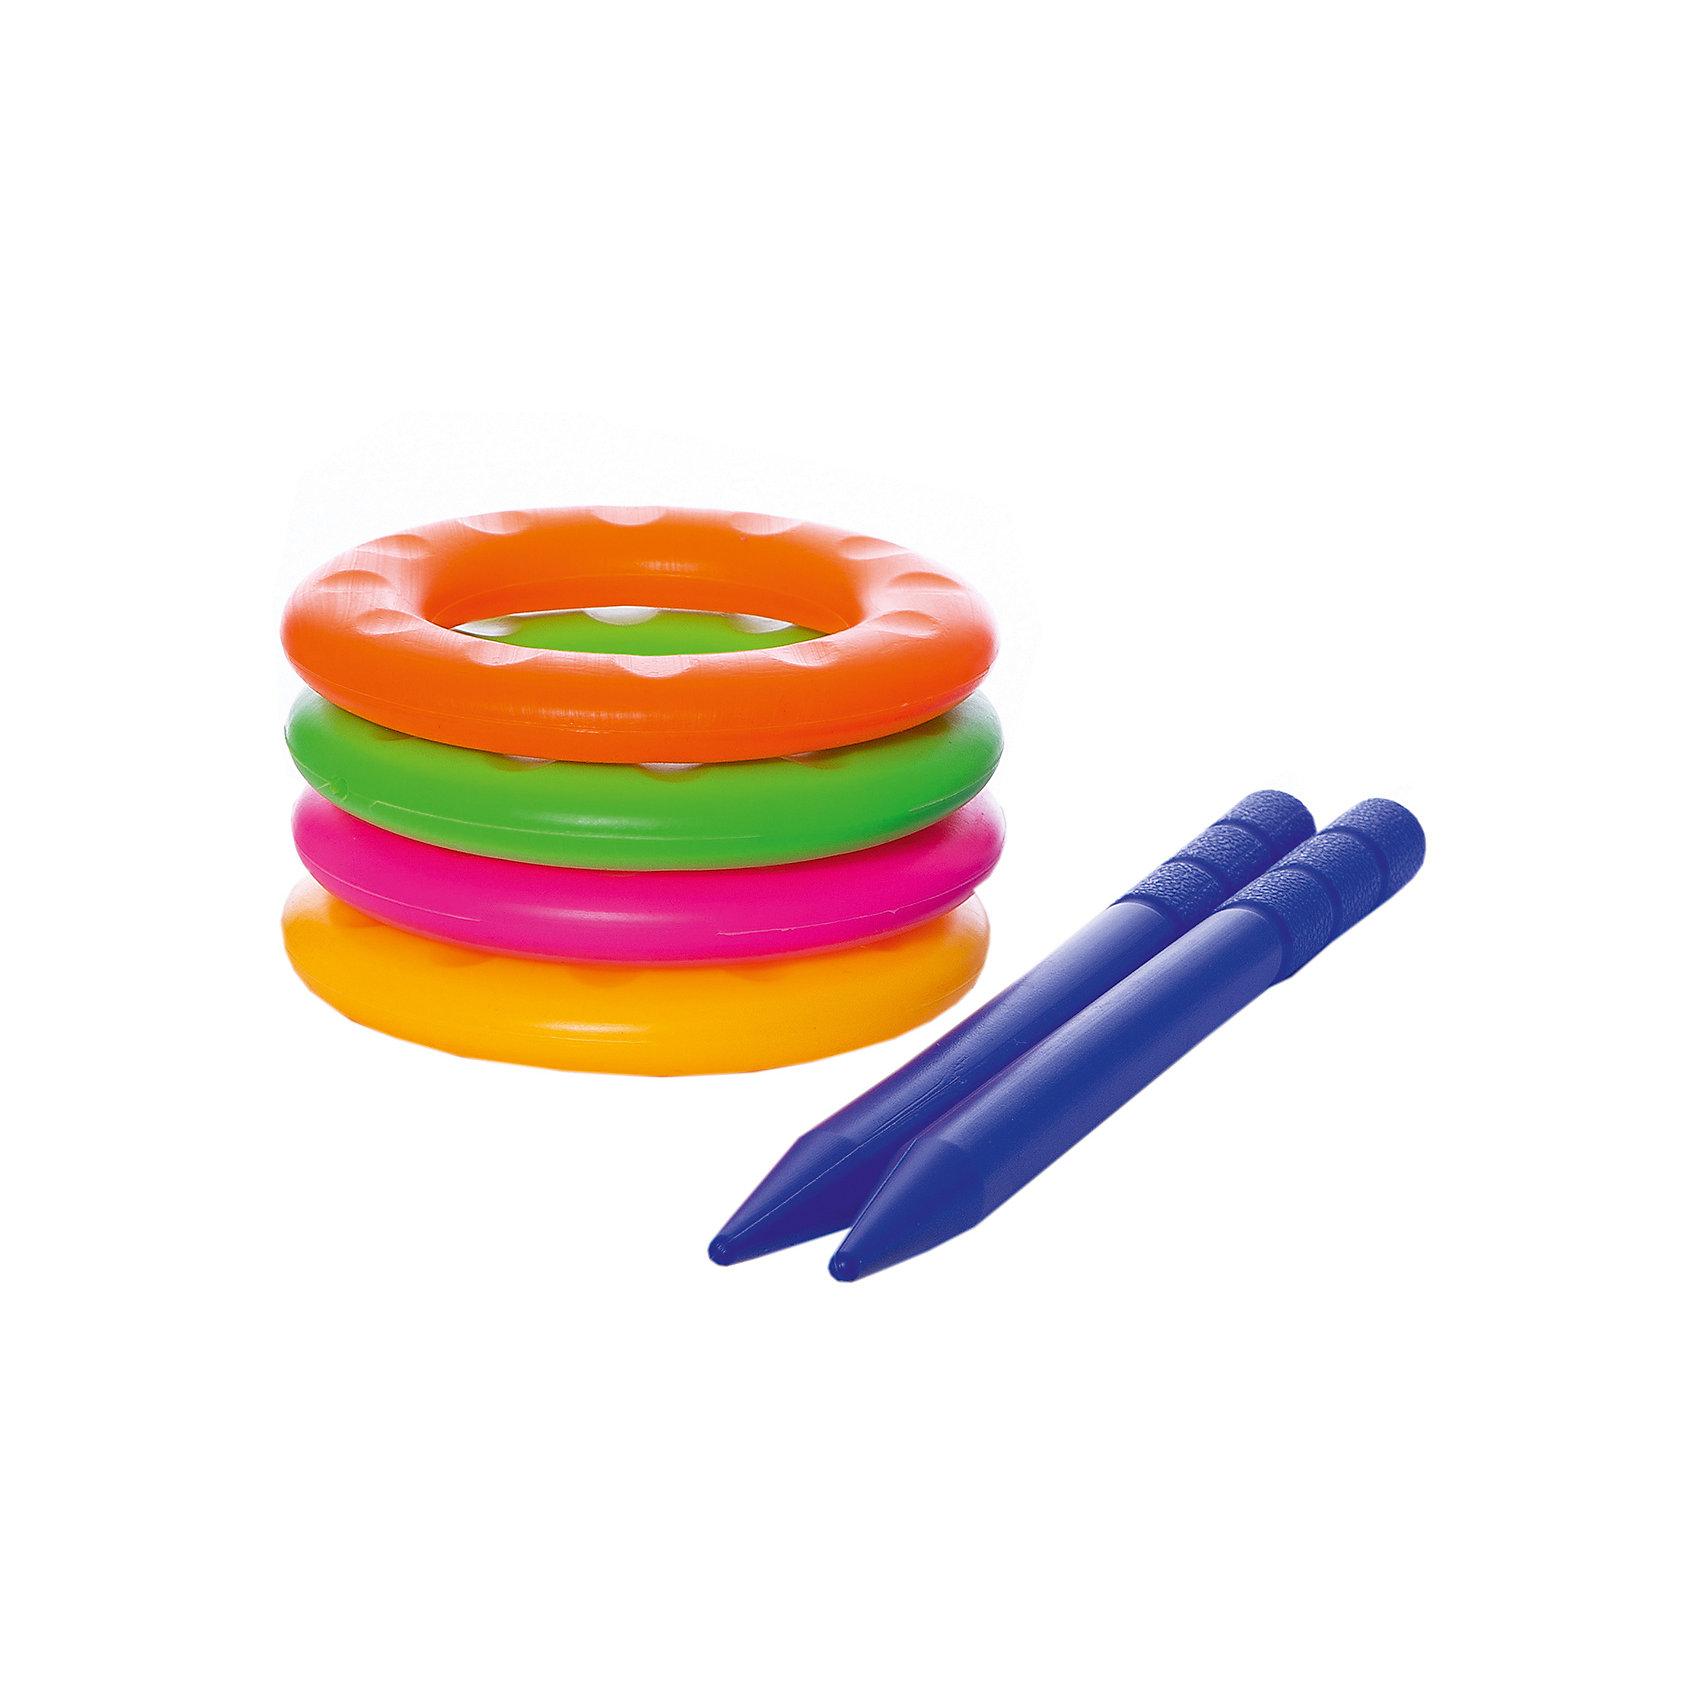 Игра детская Весёлые колечки, YG SportКольцебросы<br>Детская игра Весёлые колечки, YG Sport - прекрасный вариант для подвижных активных игр в помещении или на открытом воздухе. В комплект входят два колышка и четыре разноцветных кольца. Колышки выполнены из прочного пластика и имеют закруглённые, сглаженные концы. Цель игры - насадить на колышки как можно больше колечек. Набор компактен, удобен в хранении и транспортировке. Развивает координацию и моторику движений, меткость, ловкость и внимательность.<br><br>Дополнительная информация:<br><br>- В комплекте: 4 кольца, 2 колышка.<br>- Материал: пластик. <br>- Размер упаковки: 28 х 6 х 14 см.<br>- Вес: 118 гр.<br> <br>Детскую игру Весёлые колечки, YG Sport, можно купить в нашем интернет-магазине.<br><br>Ширина мм: 600<br>Глубина мм: 410<br>Высота мм: 630<br>Вес г: 118<br>Возраст от месяцев: 36<br>Возраст до месяцев: 72<br>Пол: Унисекс<br>Возраст: Детский<br>SKU: 4622238